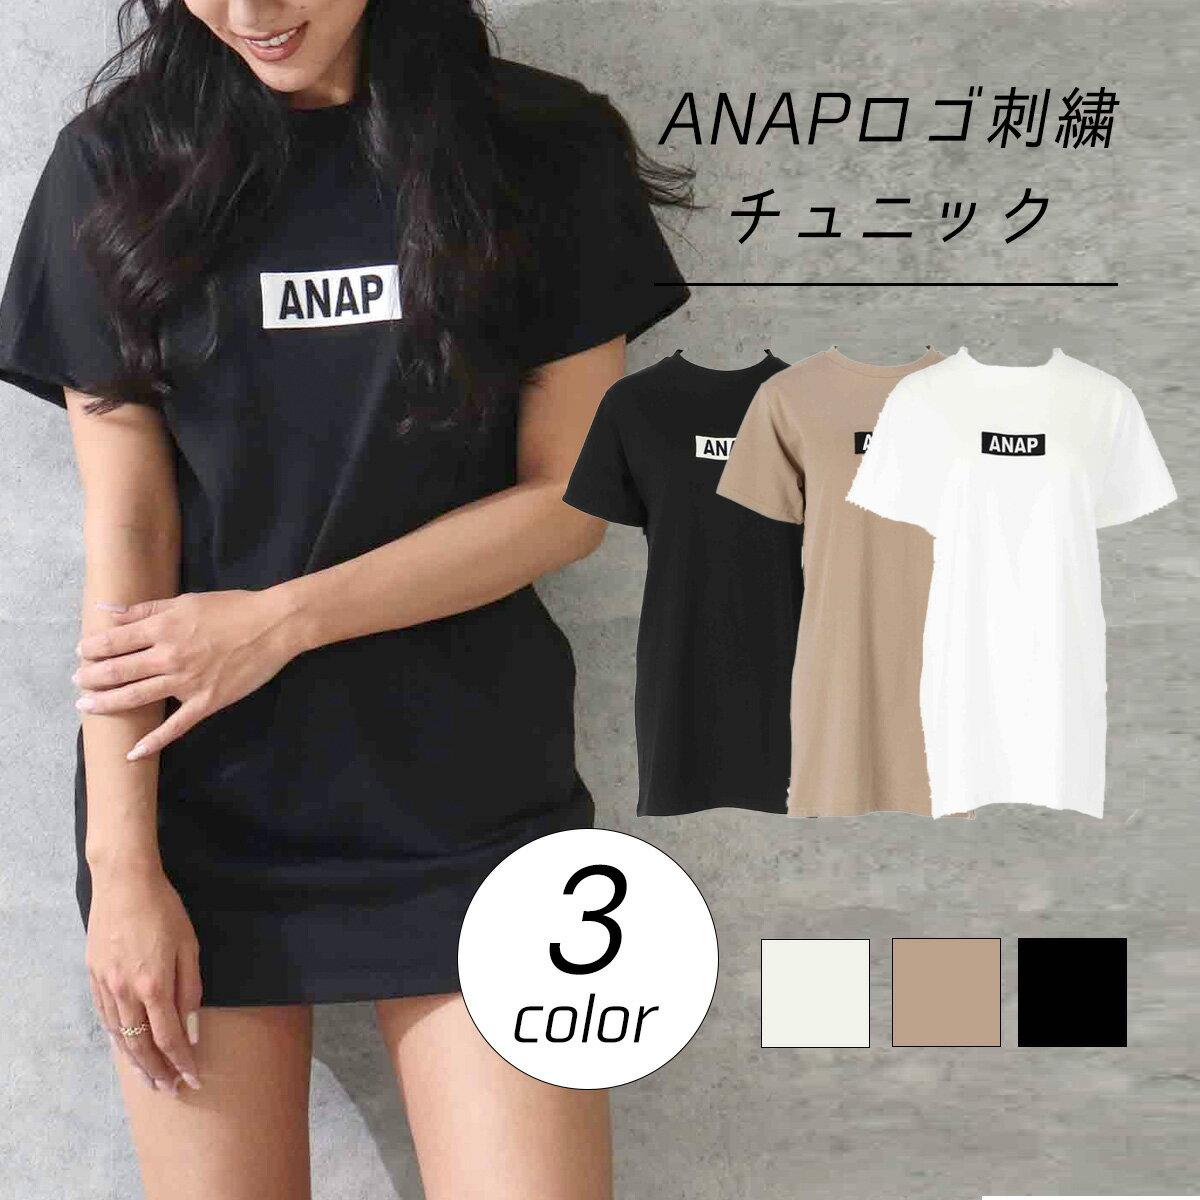 トップス, Tシャツ・カットソー 50OFFANAP ANAP t t